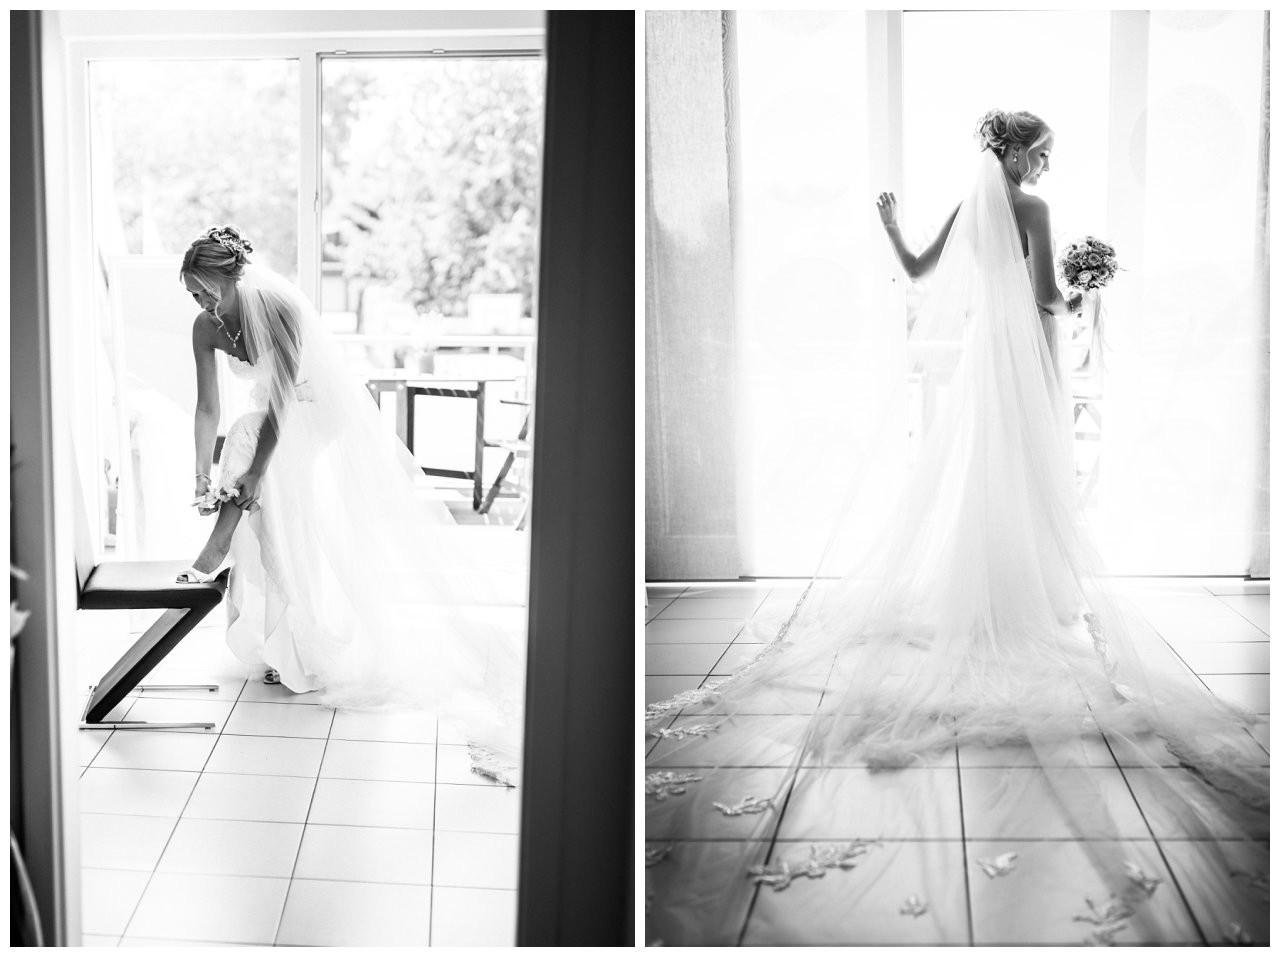 Die Braut vor der Hochzeit im Seepavillon Fühlinger See.